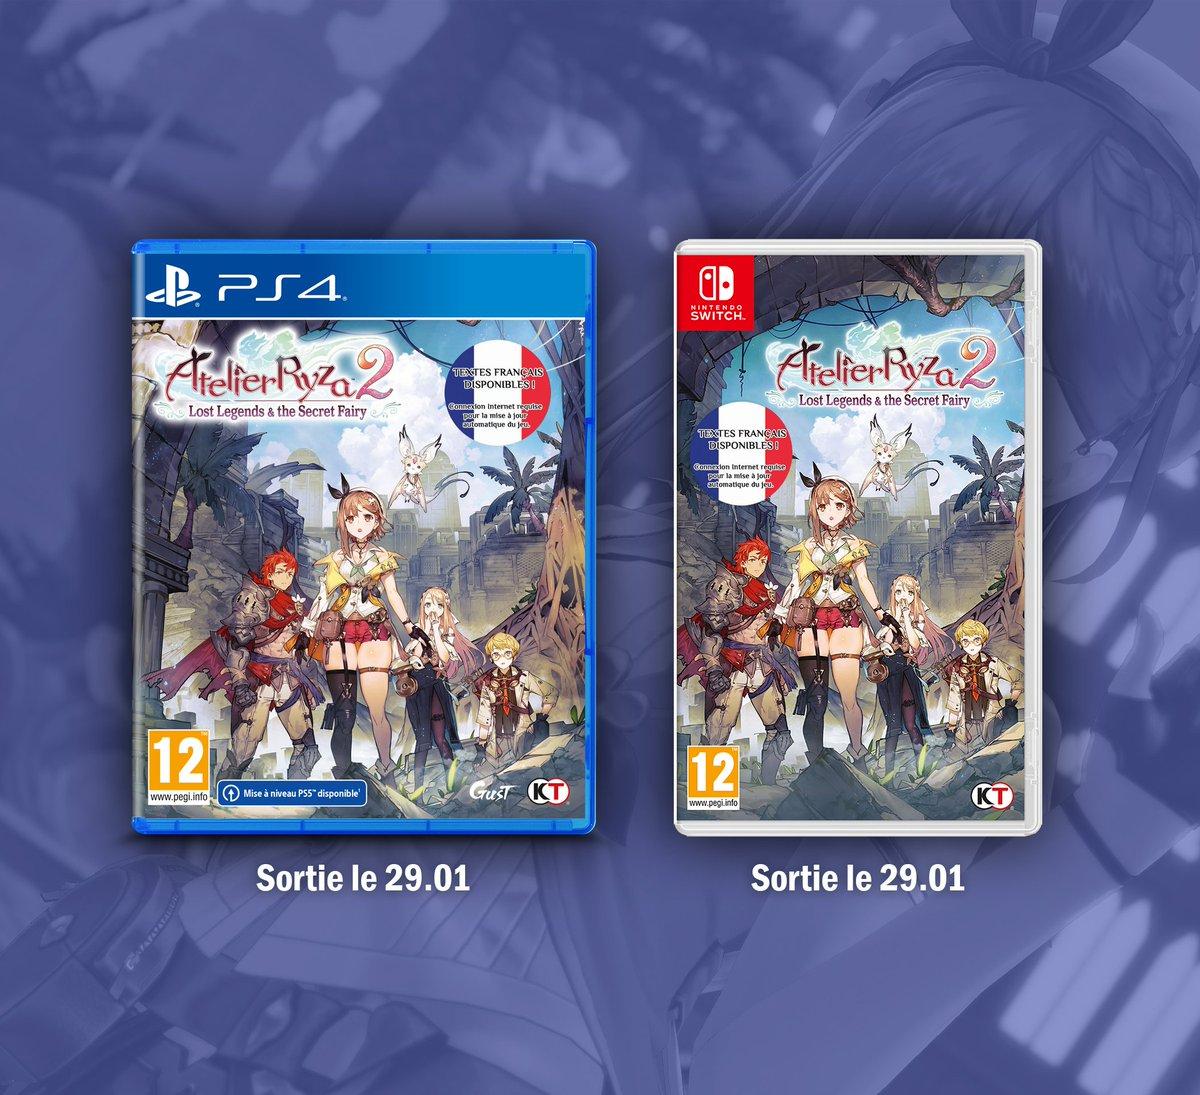 Que se passe-t-il cette semaine chez Koch Media ? #MondayMotivation  Sorties du 29/01 : 🌿 #AtelierRyza2: Lost Legends & the Secret Fairy - PS4 & Switch ⚔️ #GodsWillFall - Dématérialisé PS4, Xbox One, Switch & PC